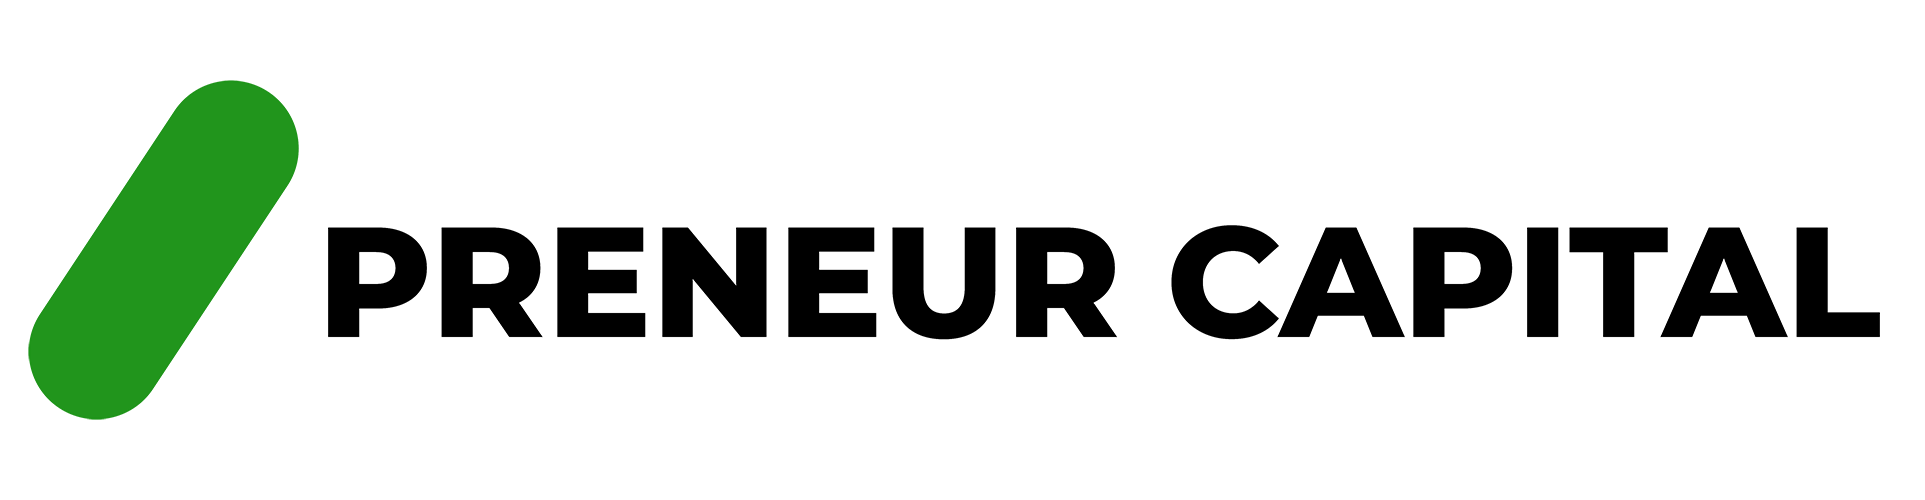 Preneur Capital